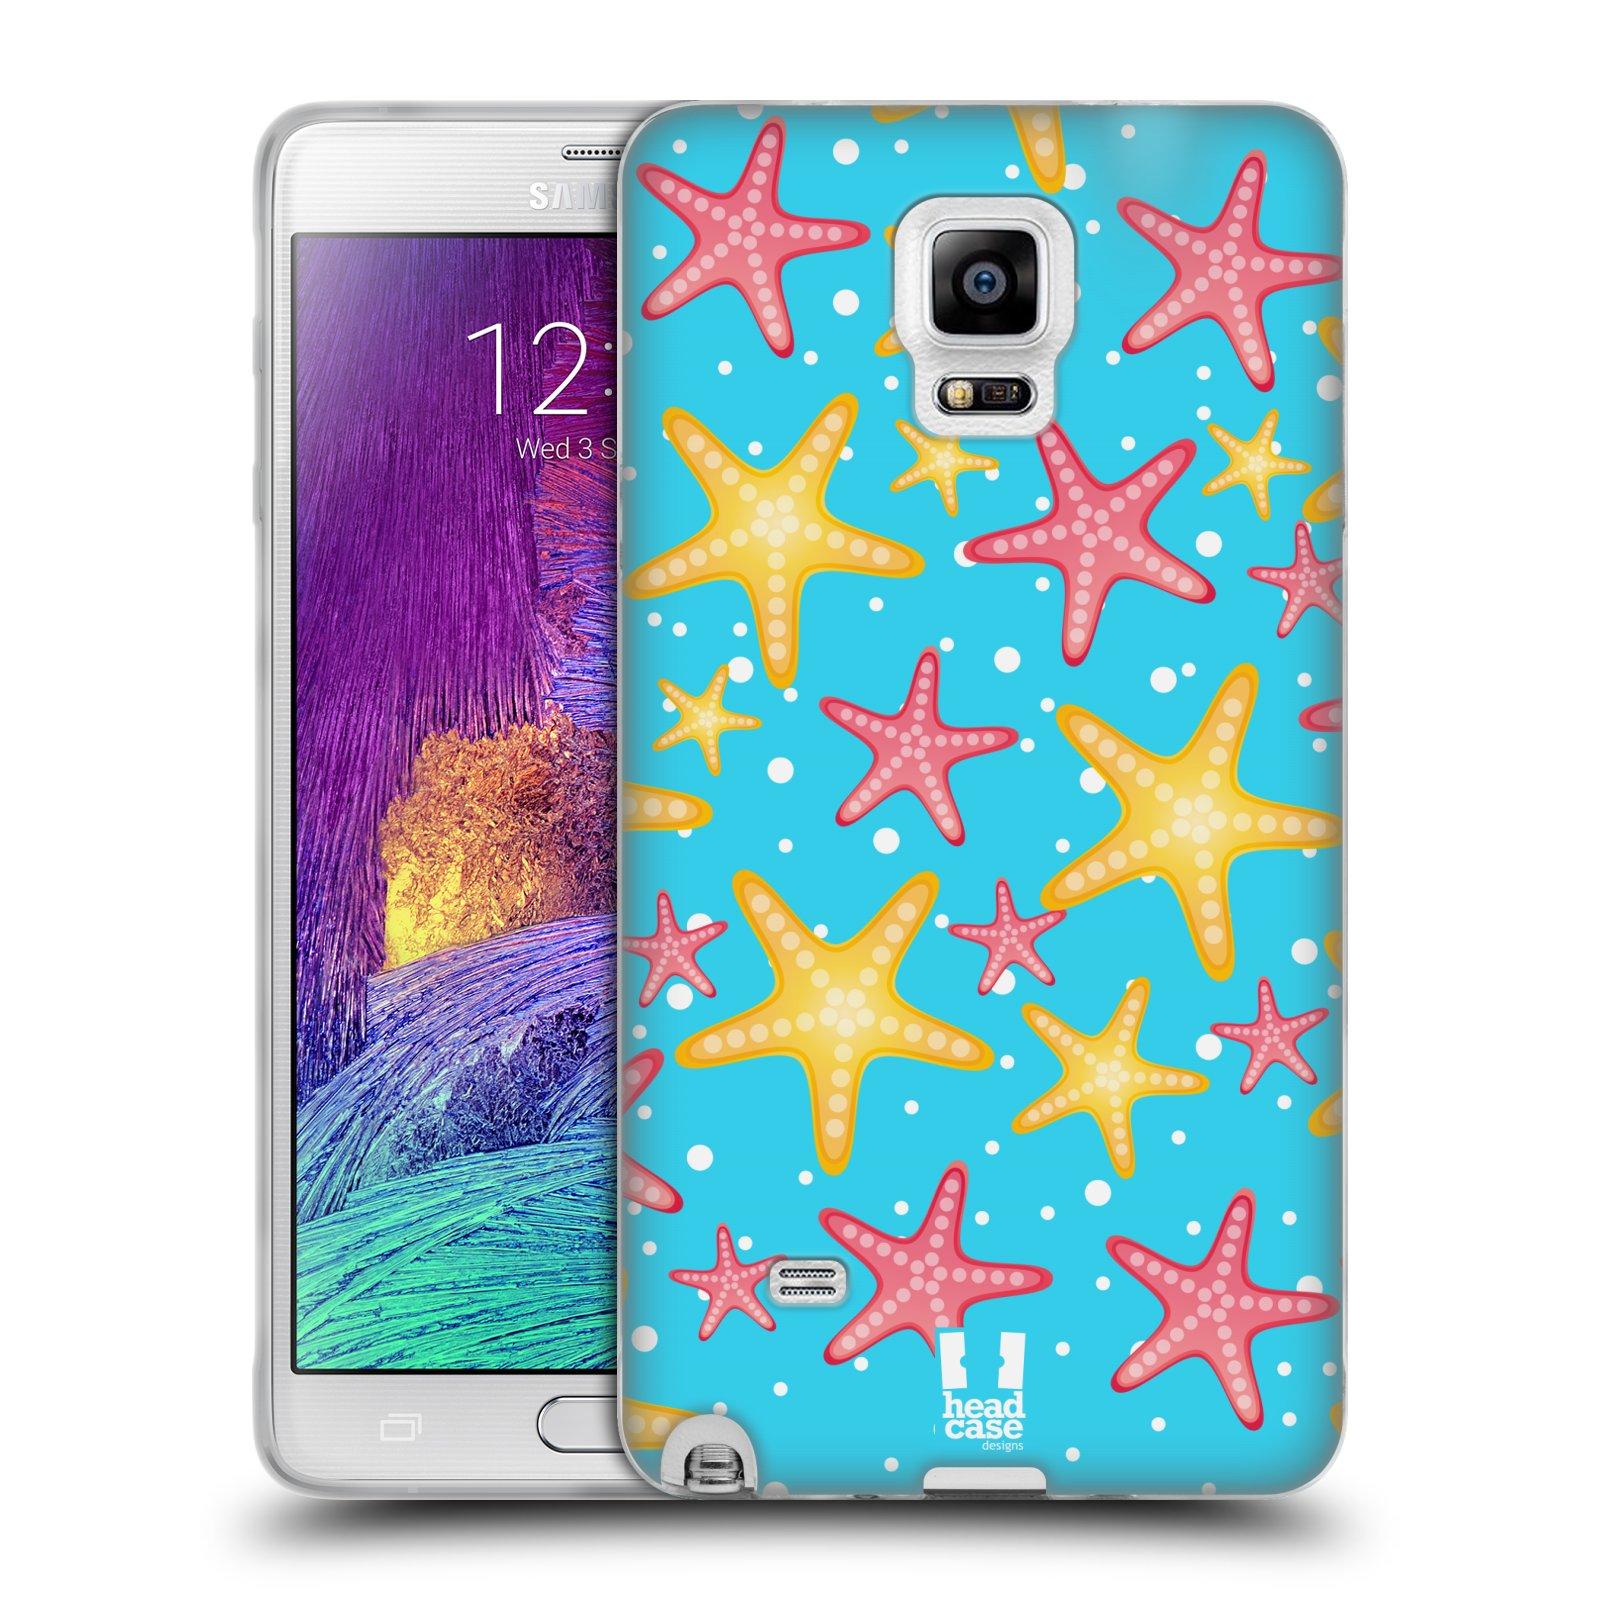 HEAD CASE silikonový obal na mobil Samsung Galaxy Note 4 (N910) vzor mořský živočich hvězda